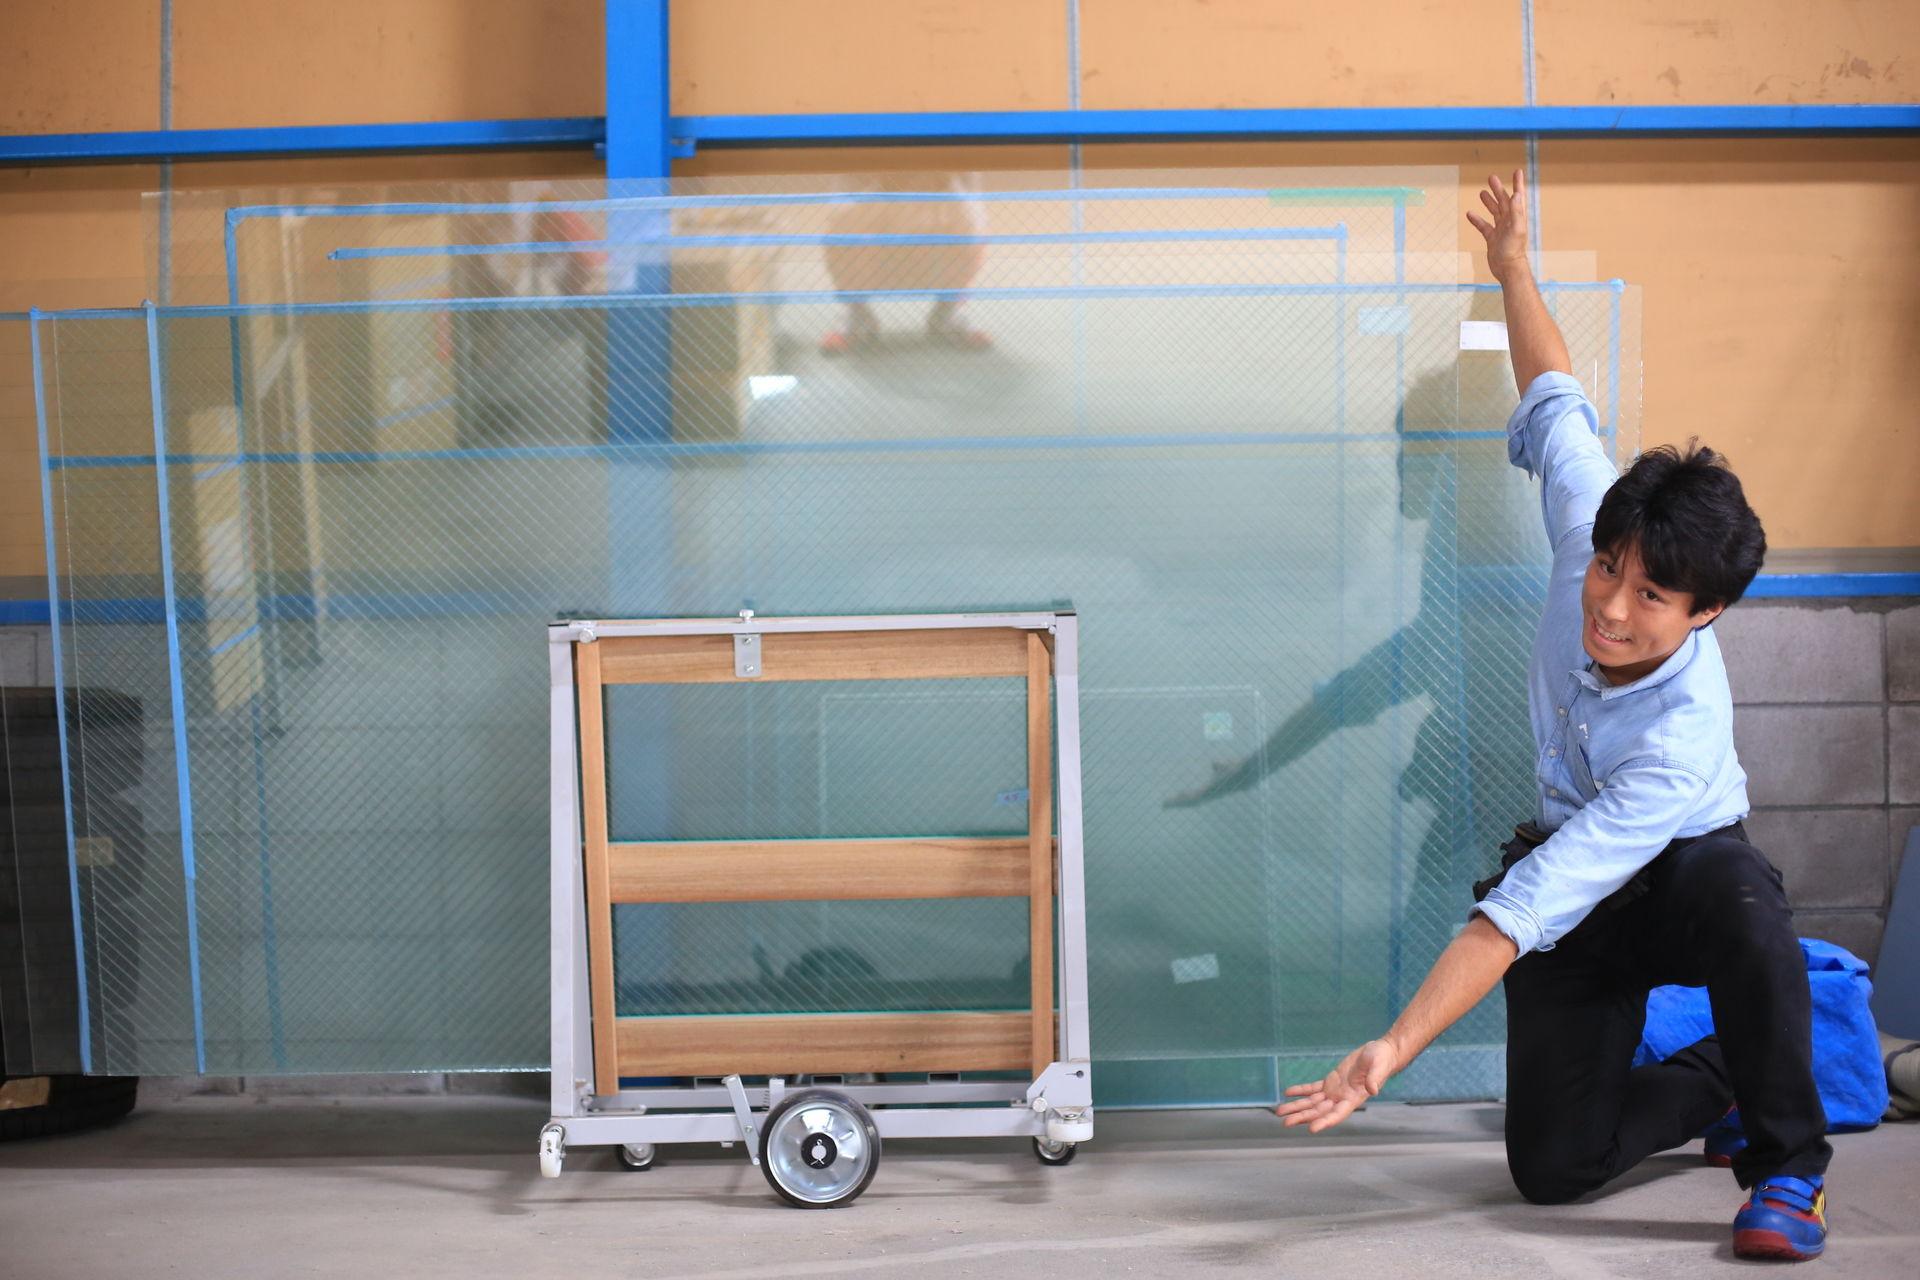 ガラスのトラブル救急車【亀岡市 出張エリア】の店内・外観画像2